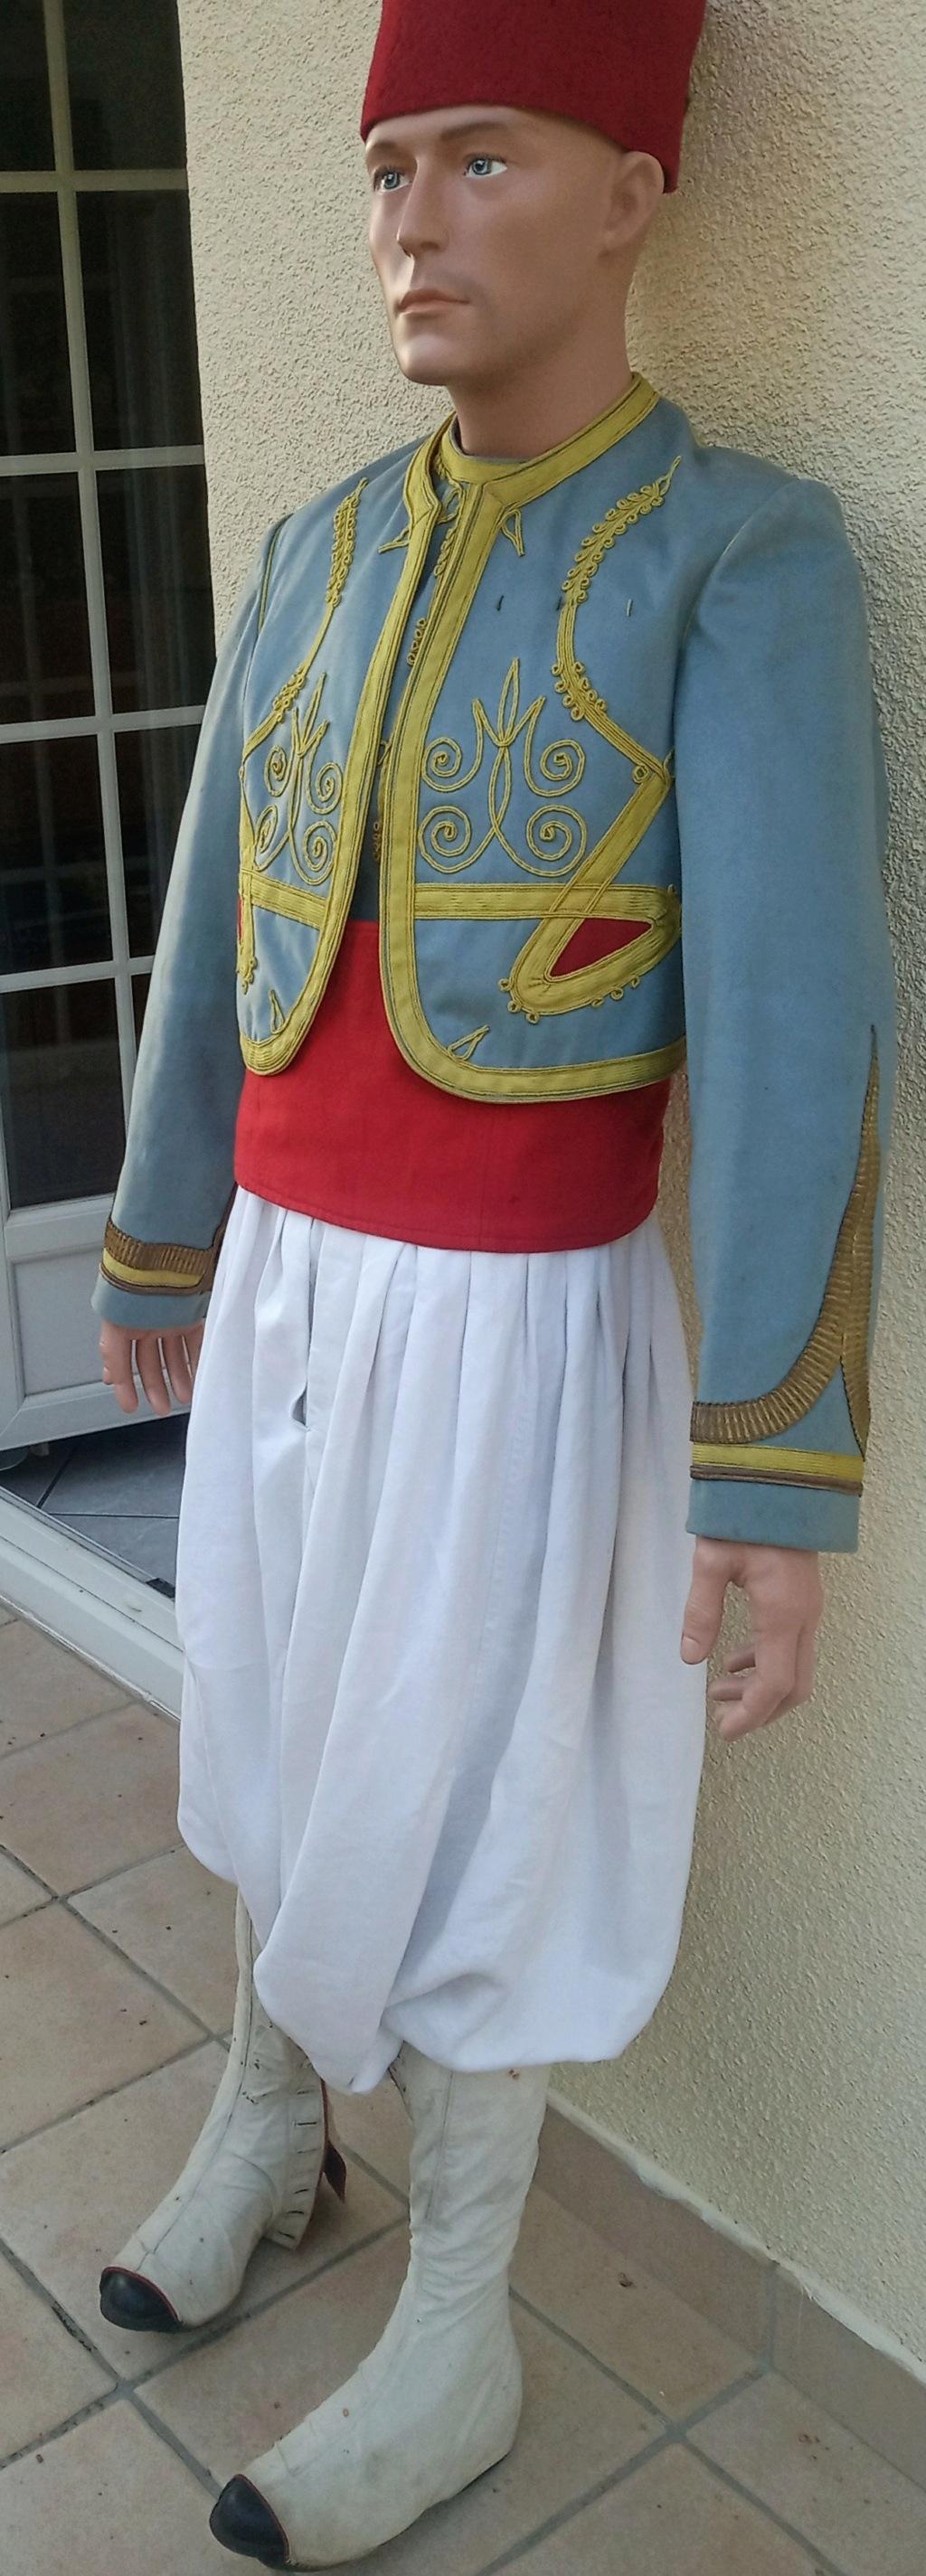 Mon premier mannequin :Sous-officier indigène de Tirailleurs Algériens vers 1910 Img_2645